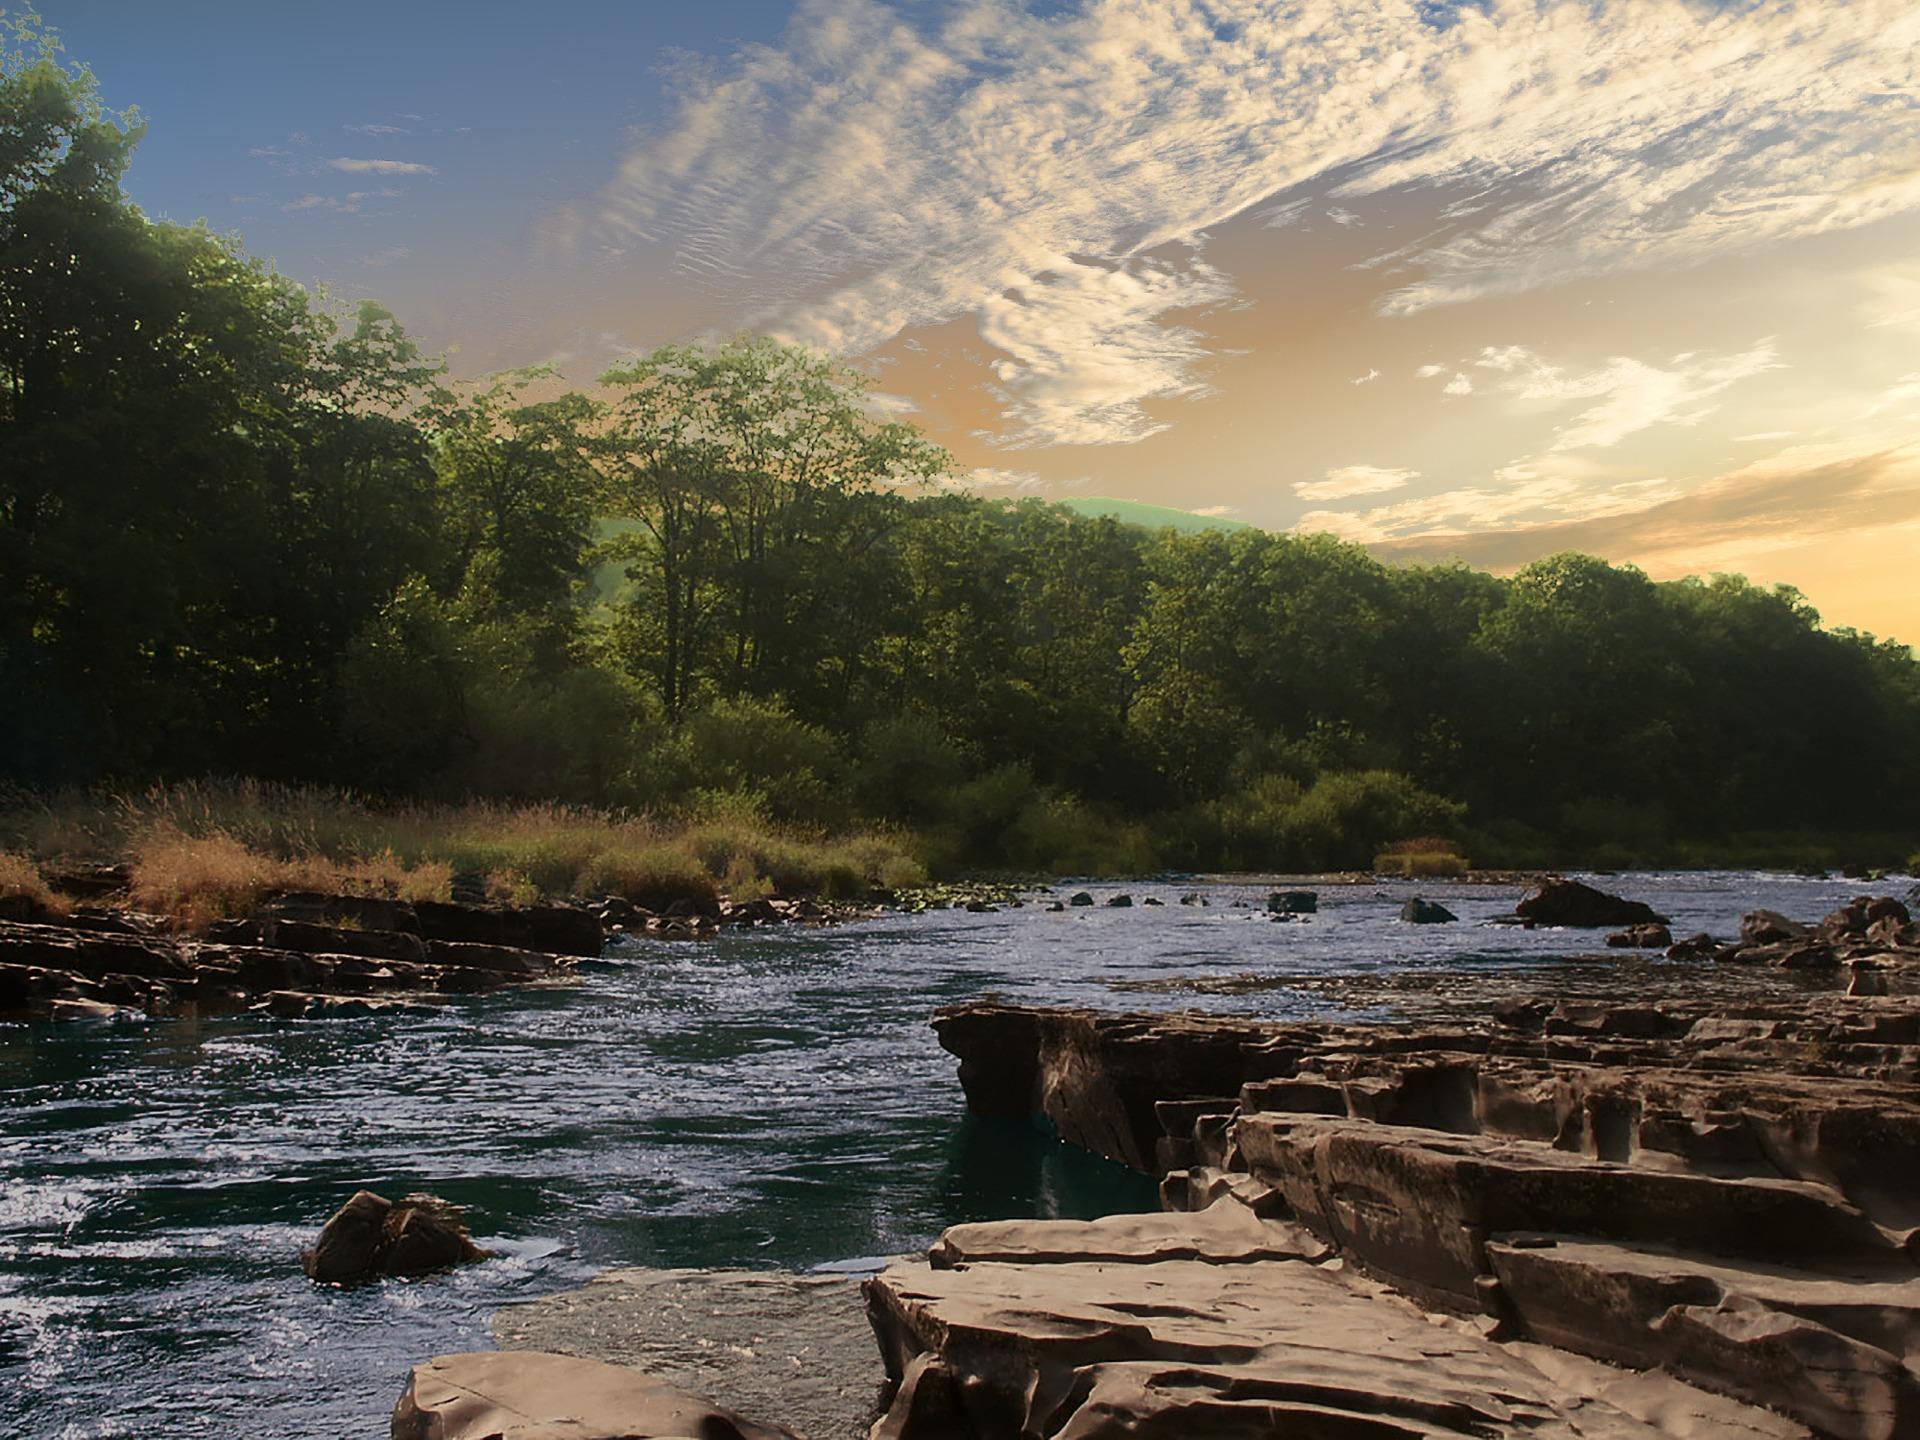 river-2077489_1920.jpg